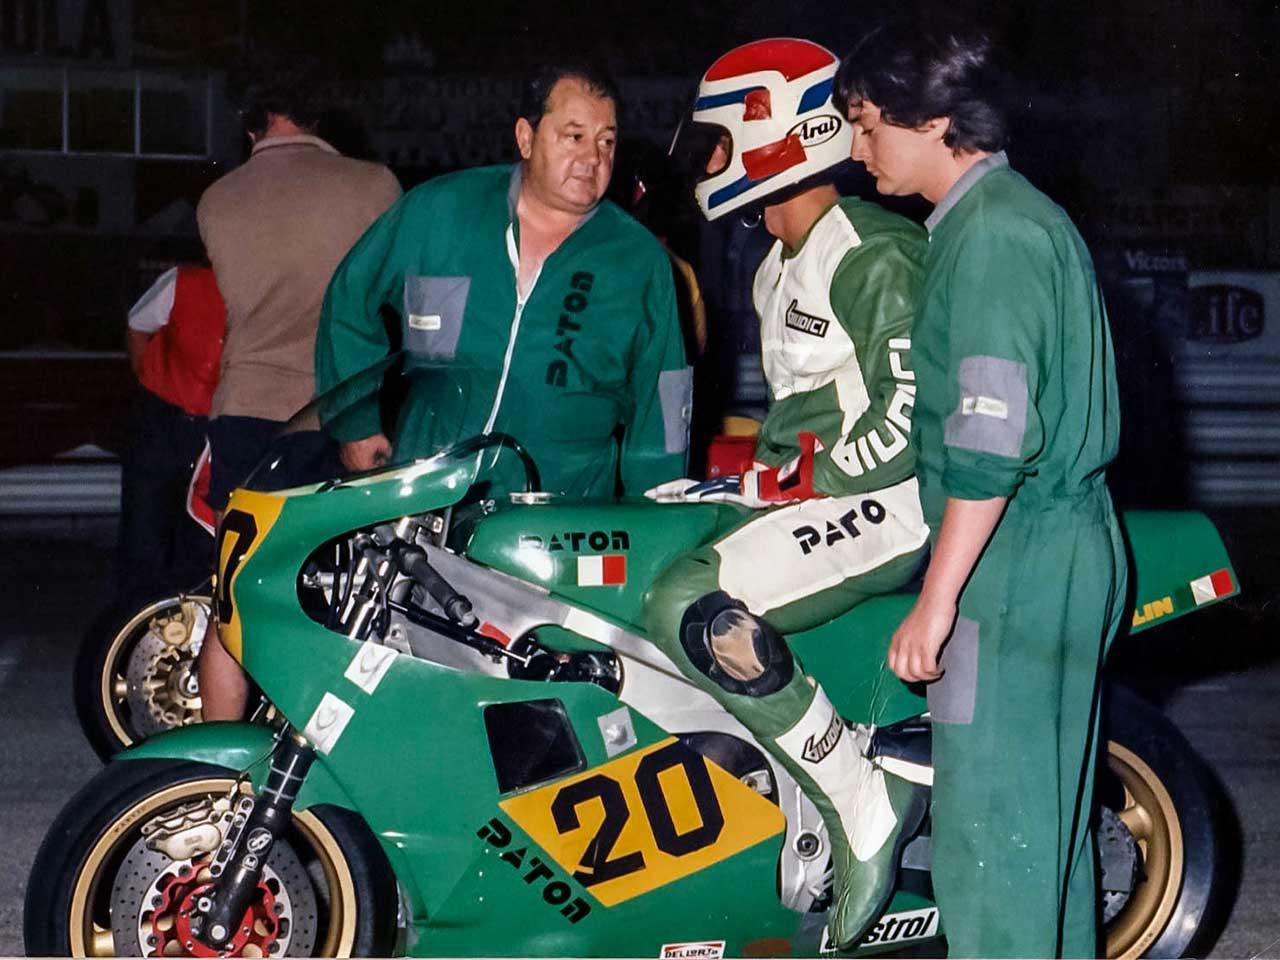 Paton_Storia-Anni80_Vittorio-Scatola_Misano-Adriatico_Trofeo-Grand-Prix_1986